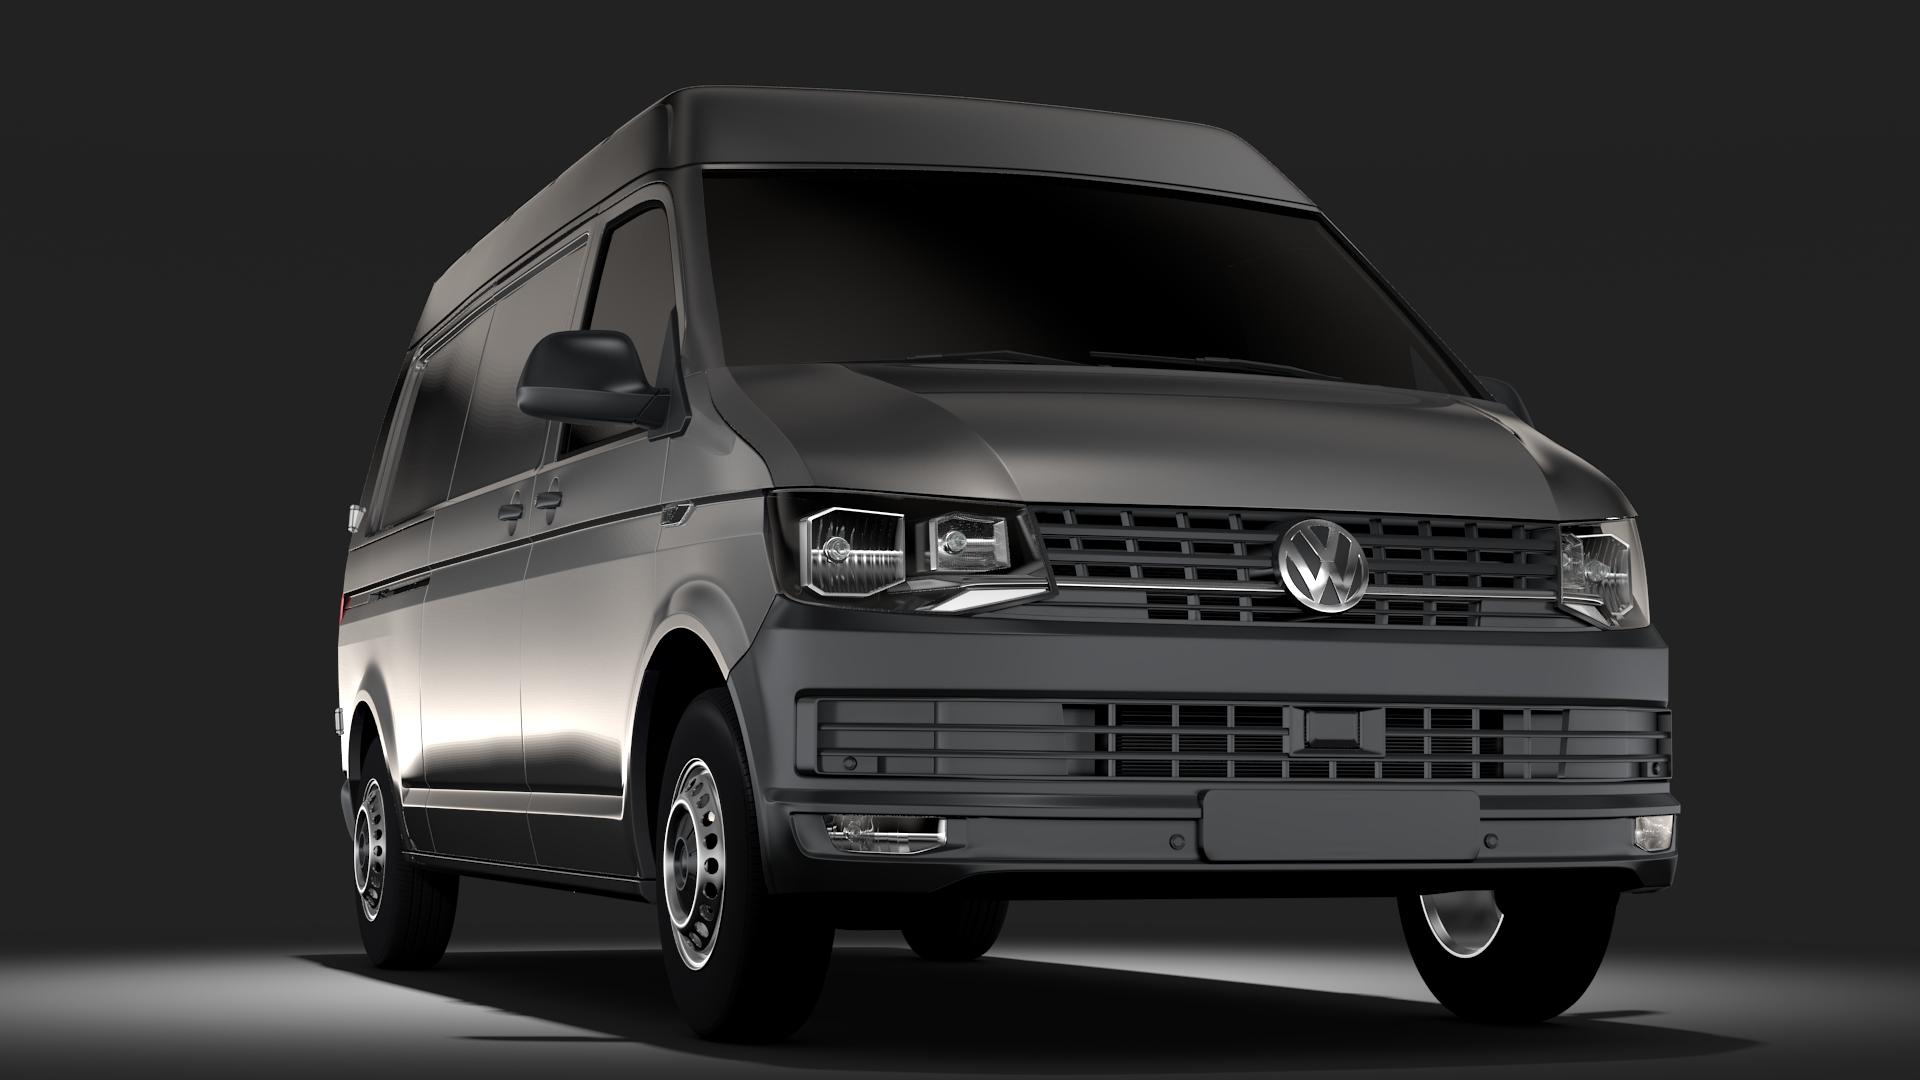 volkswagen transporteris furgonas l2h2 t6 2017 3d modelis max fbx XXXXXXXXXMUMX